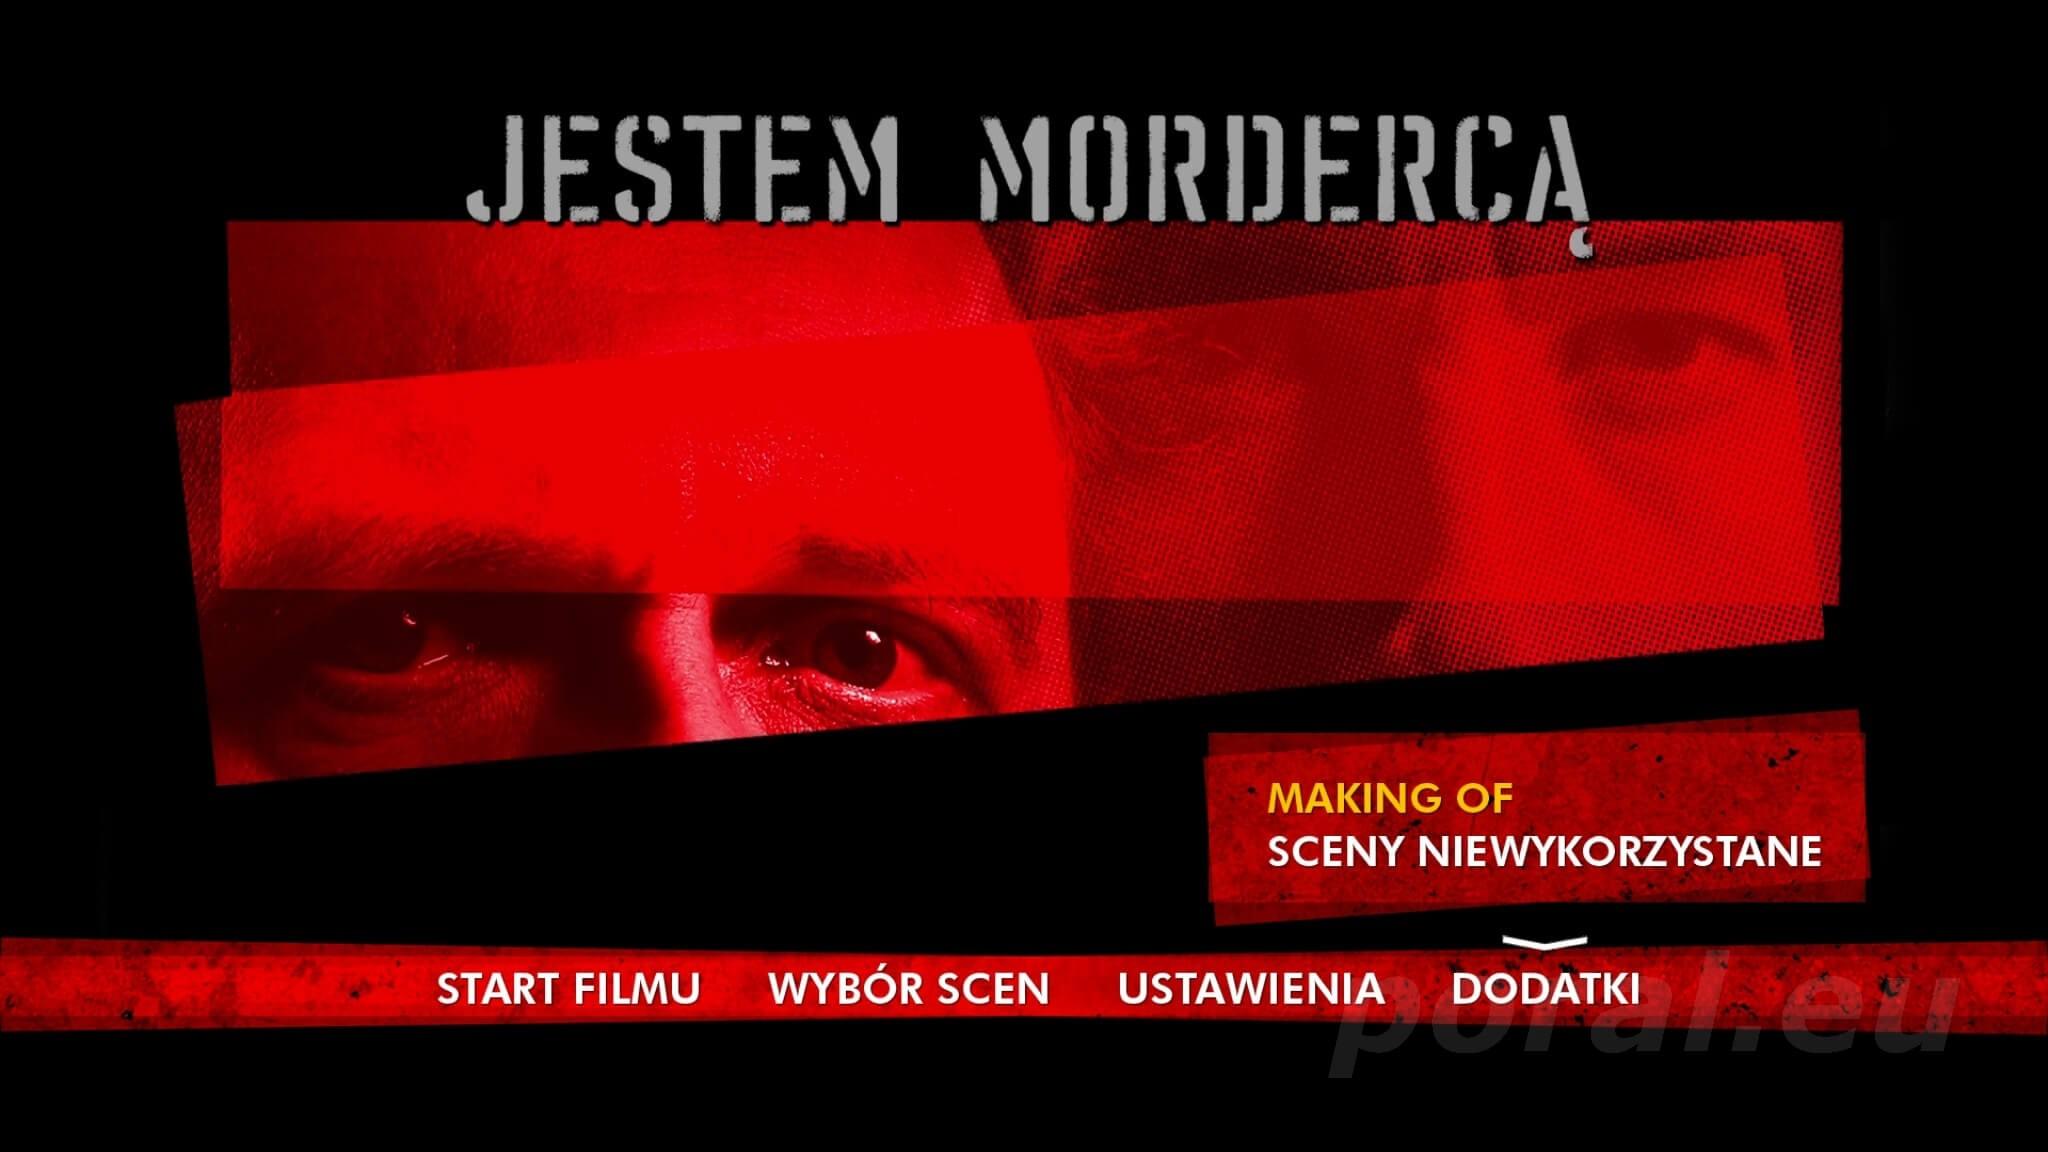 jestem_morderca_03.jpg